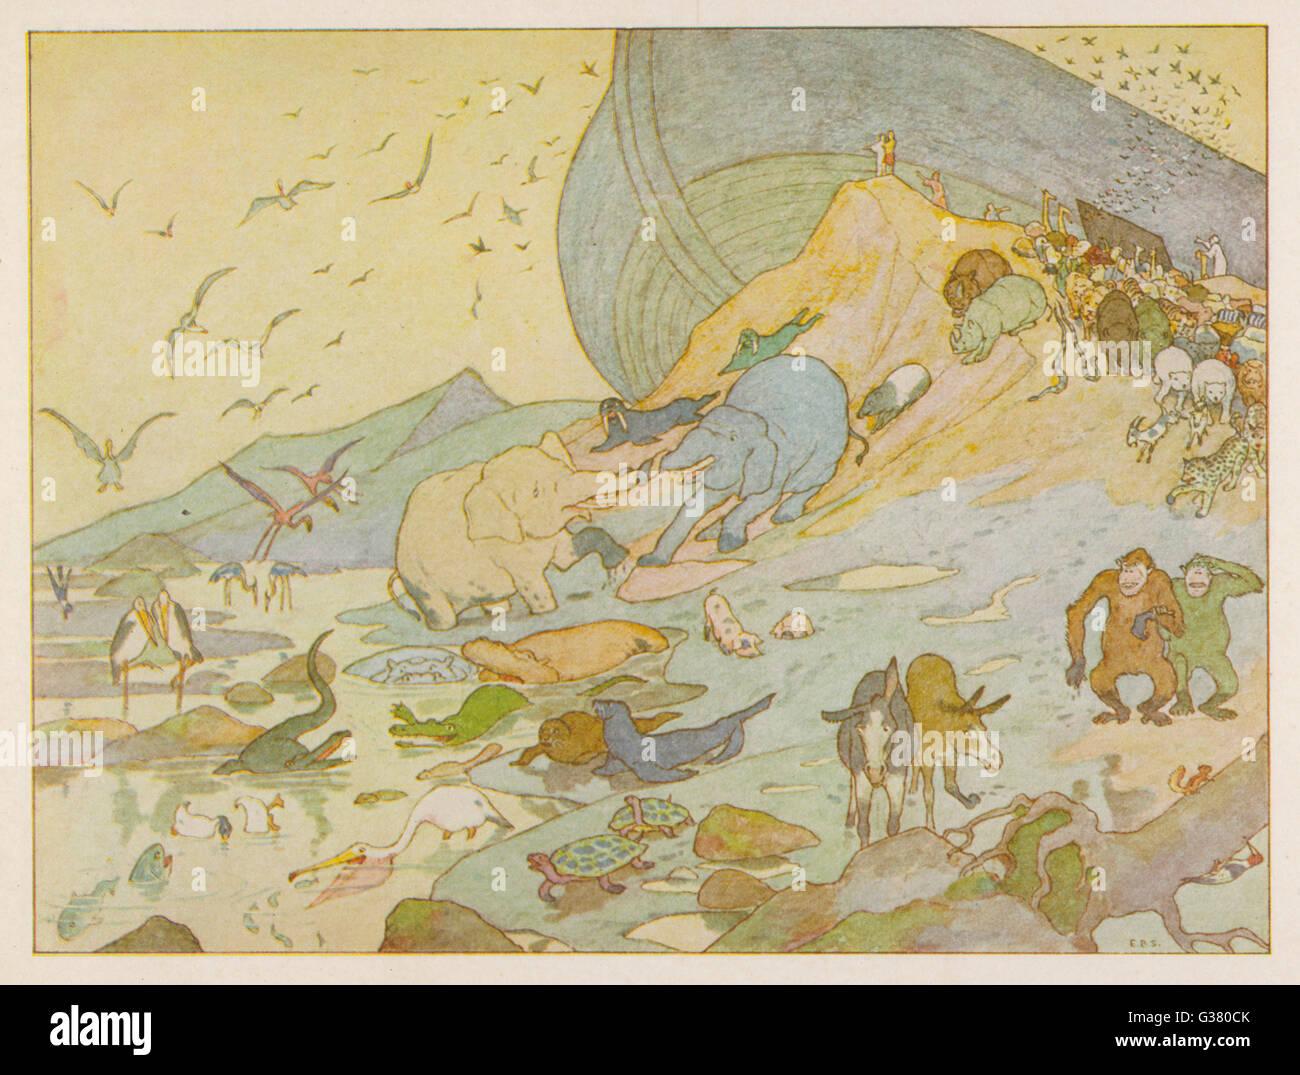 NOAH'S ARK - Los animales se complace en tierra firme una vez más Imagen De Stock